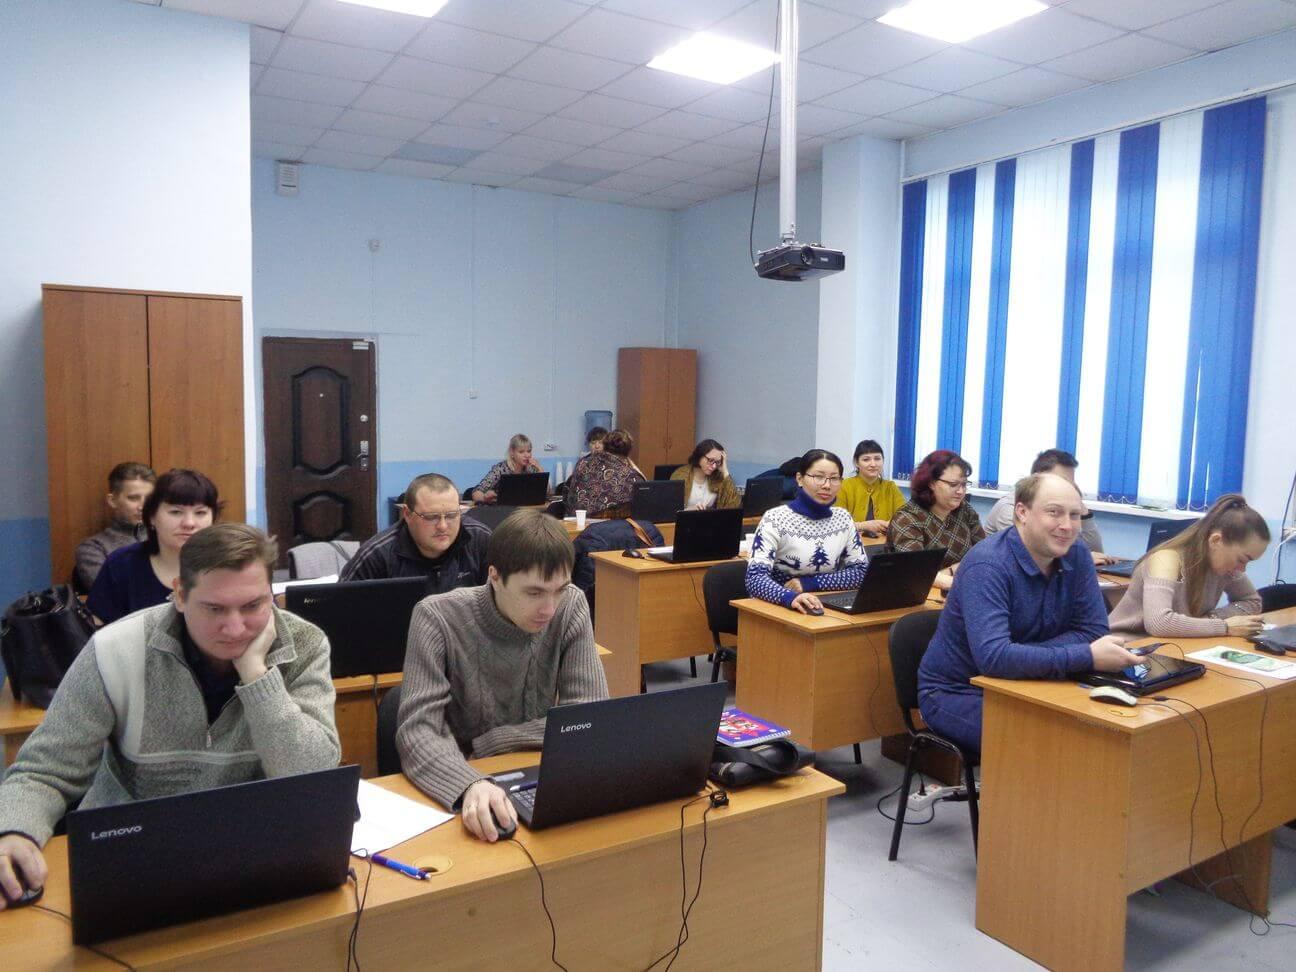 Обучать компьютерной грамотности квалифицированно